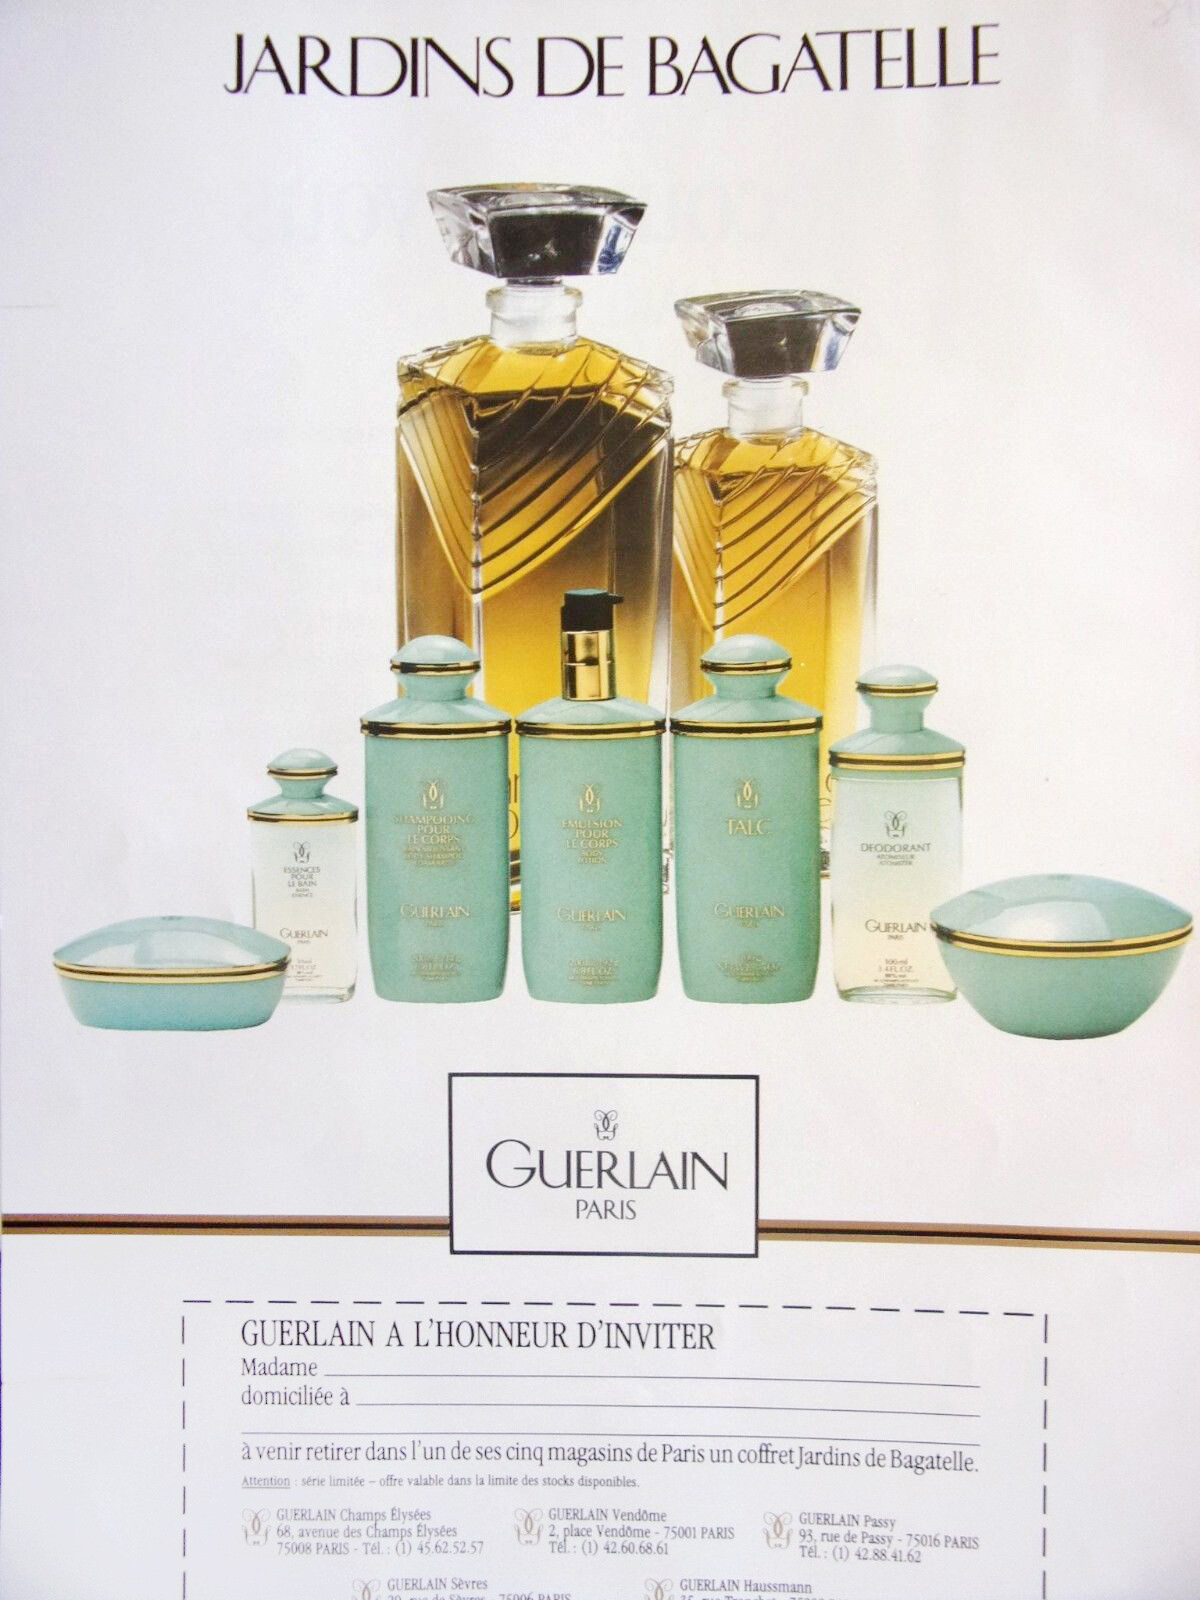 Guerlain - Jardins De Bagatelle Eau De Toilette | Reviews tout Jardin De Bagatelle Parfum